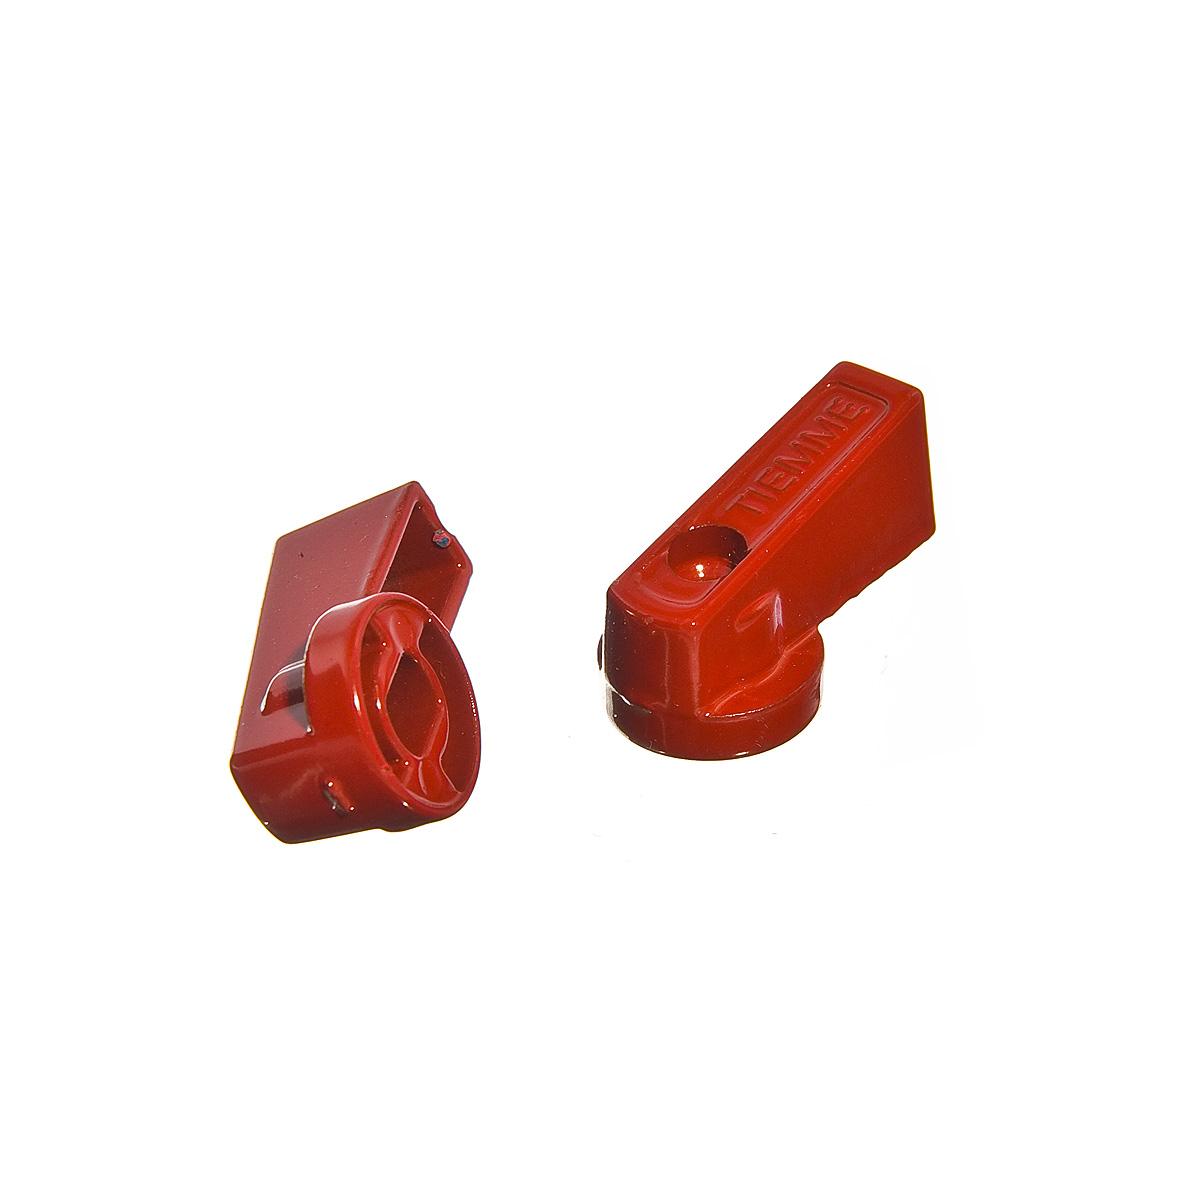 Ручки для коллектора красные Tiemme (2 шт) kitchenaid набор прямоугольных чаш для запекания 0 45 л 2 шт красные